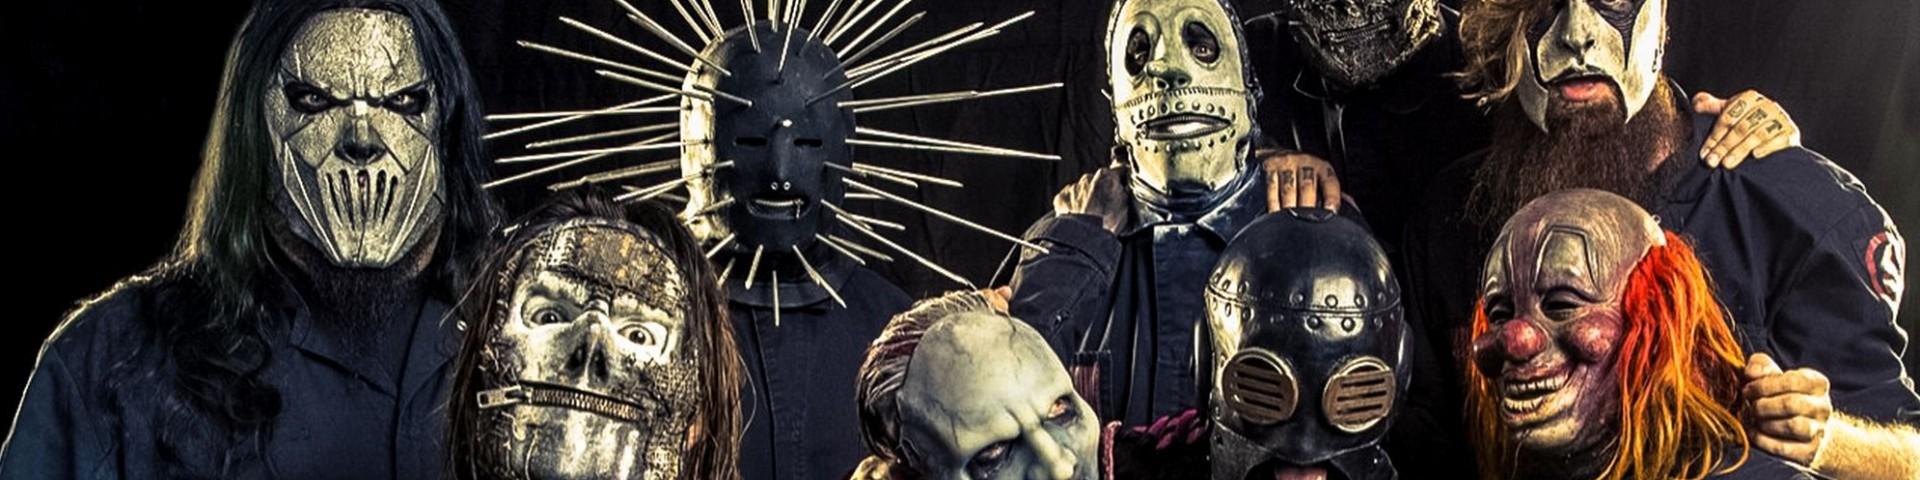 Slipknot in concerto a Milano: ecco come comprare i biglietti